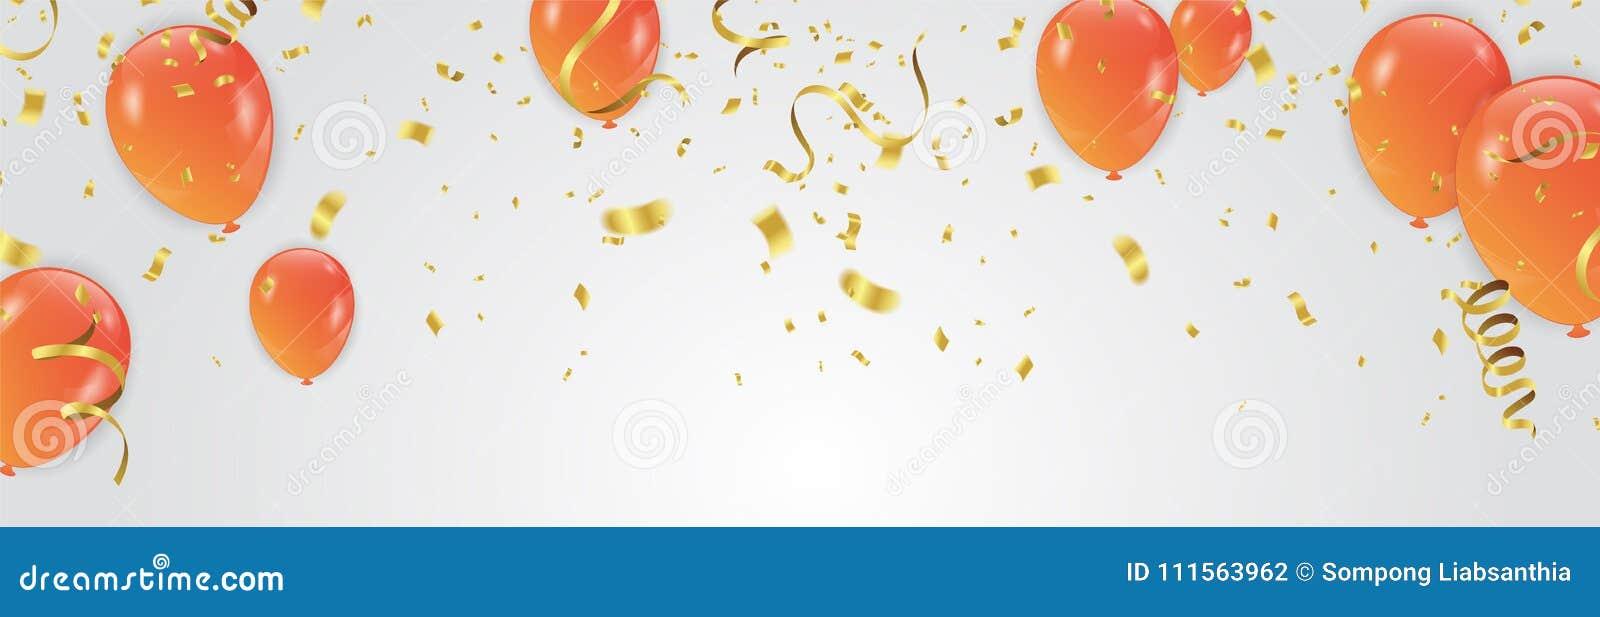 Vector l illustrazione del te del fondo della celebrazione dei palloni dell arancia